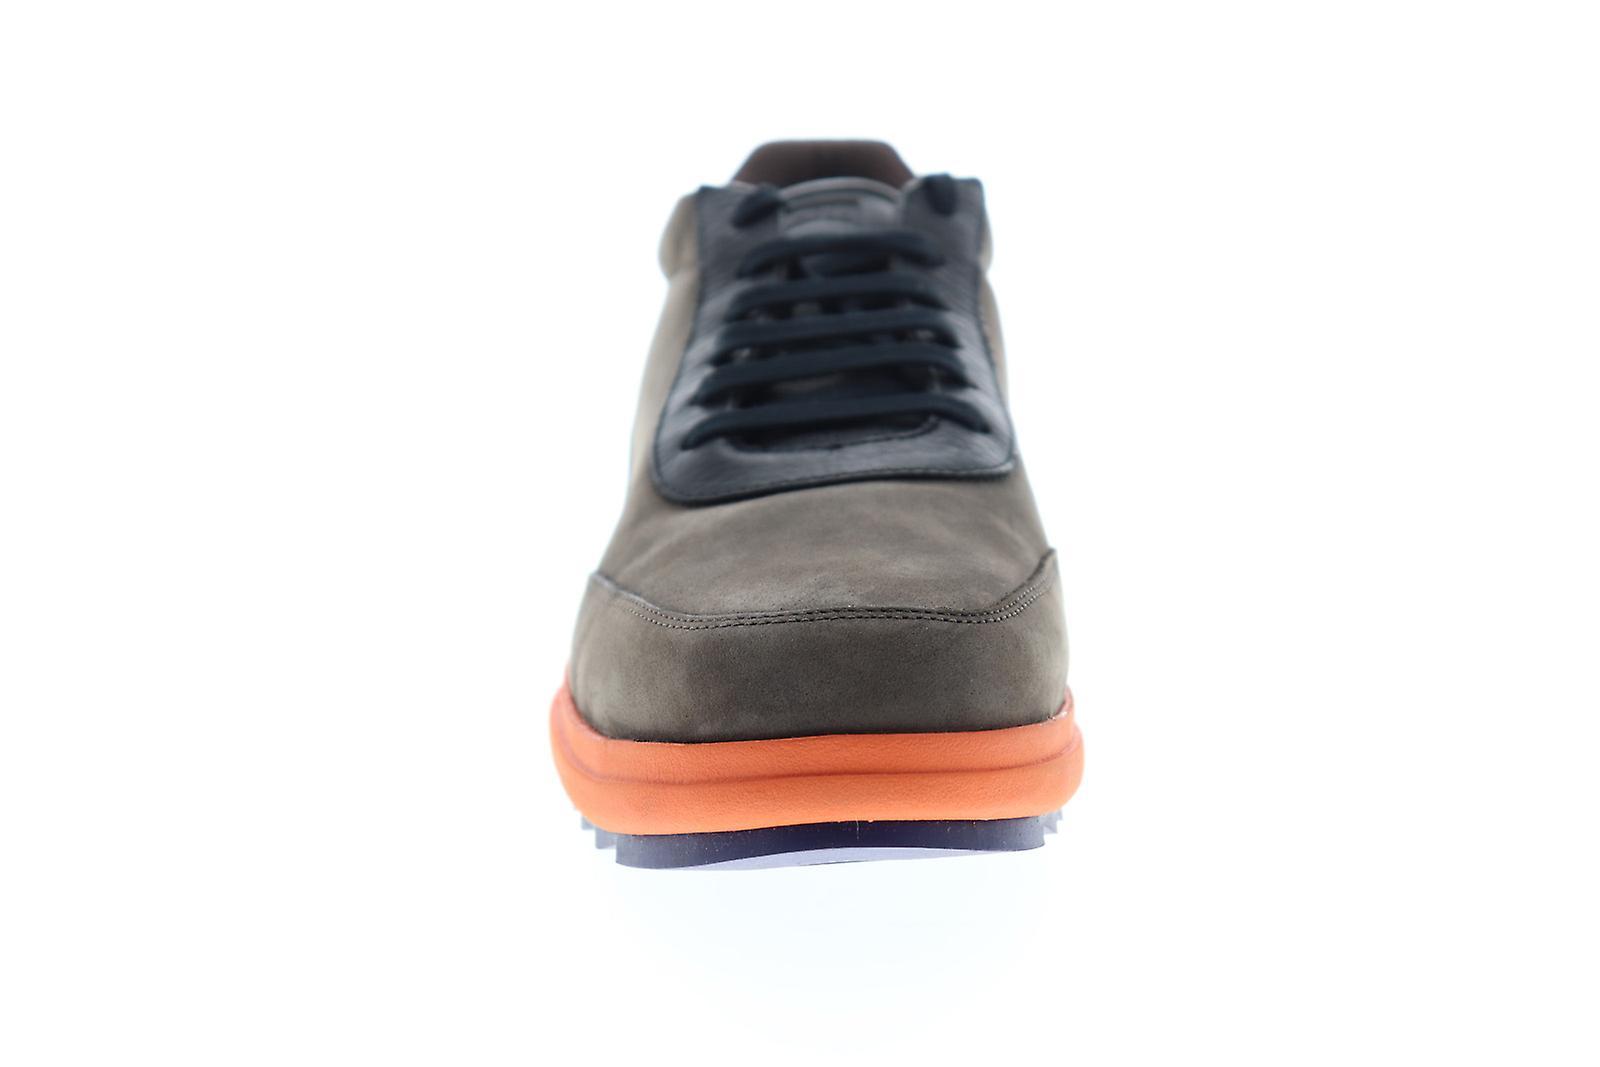 camper marges menns brun nubuck skinn lav topp joggesko sko - Spesiell rabatt